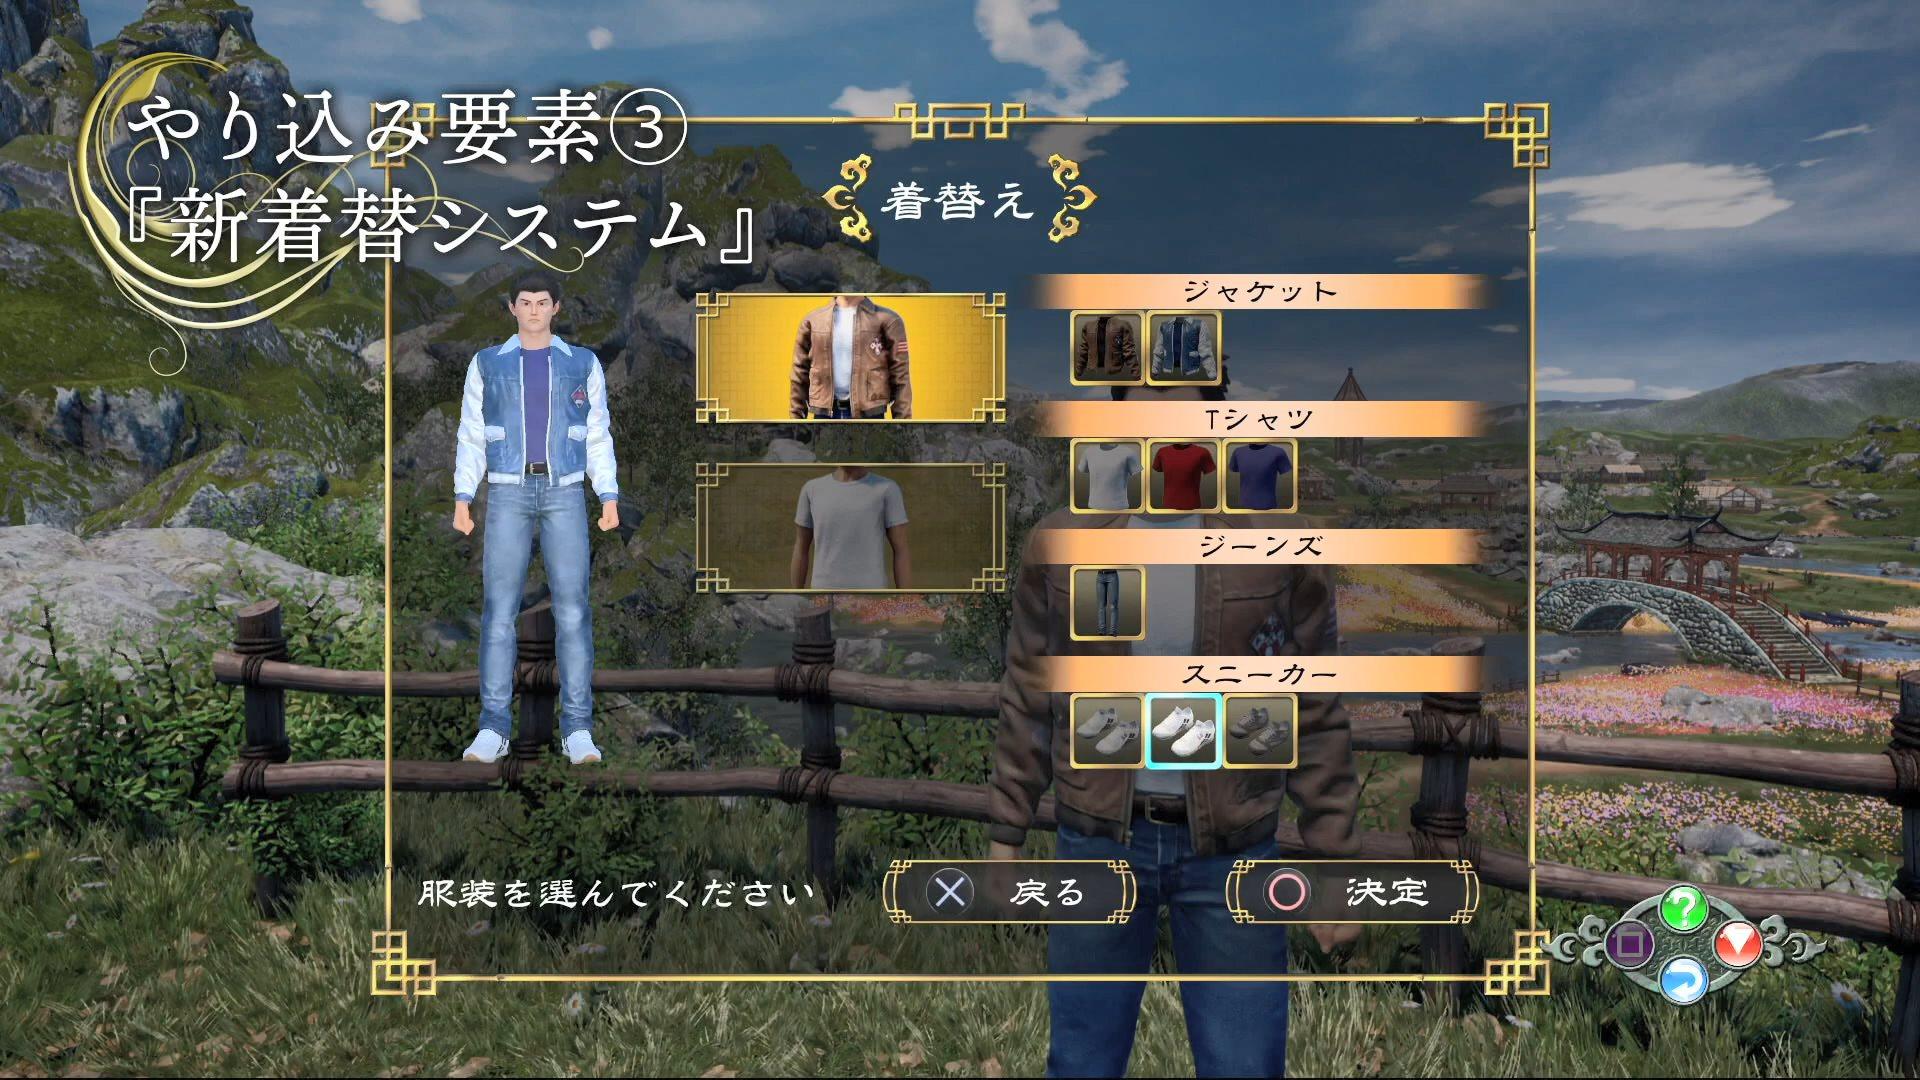 《莎木3》游玩要素篇介绍影像 钓鱼打机一个都不能少